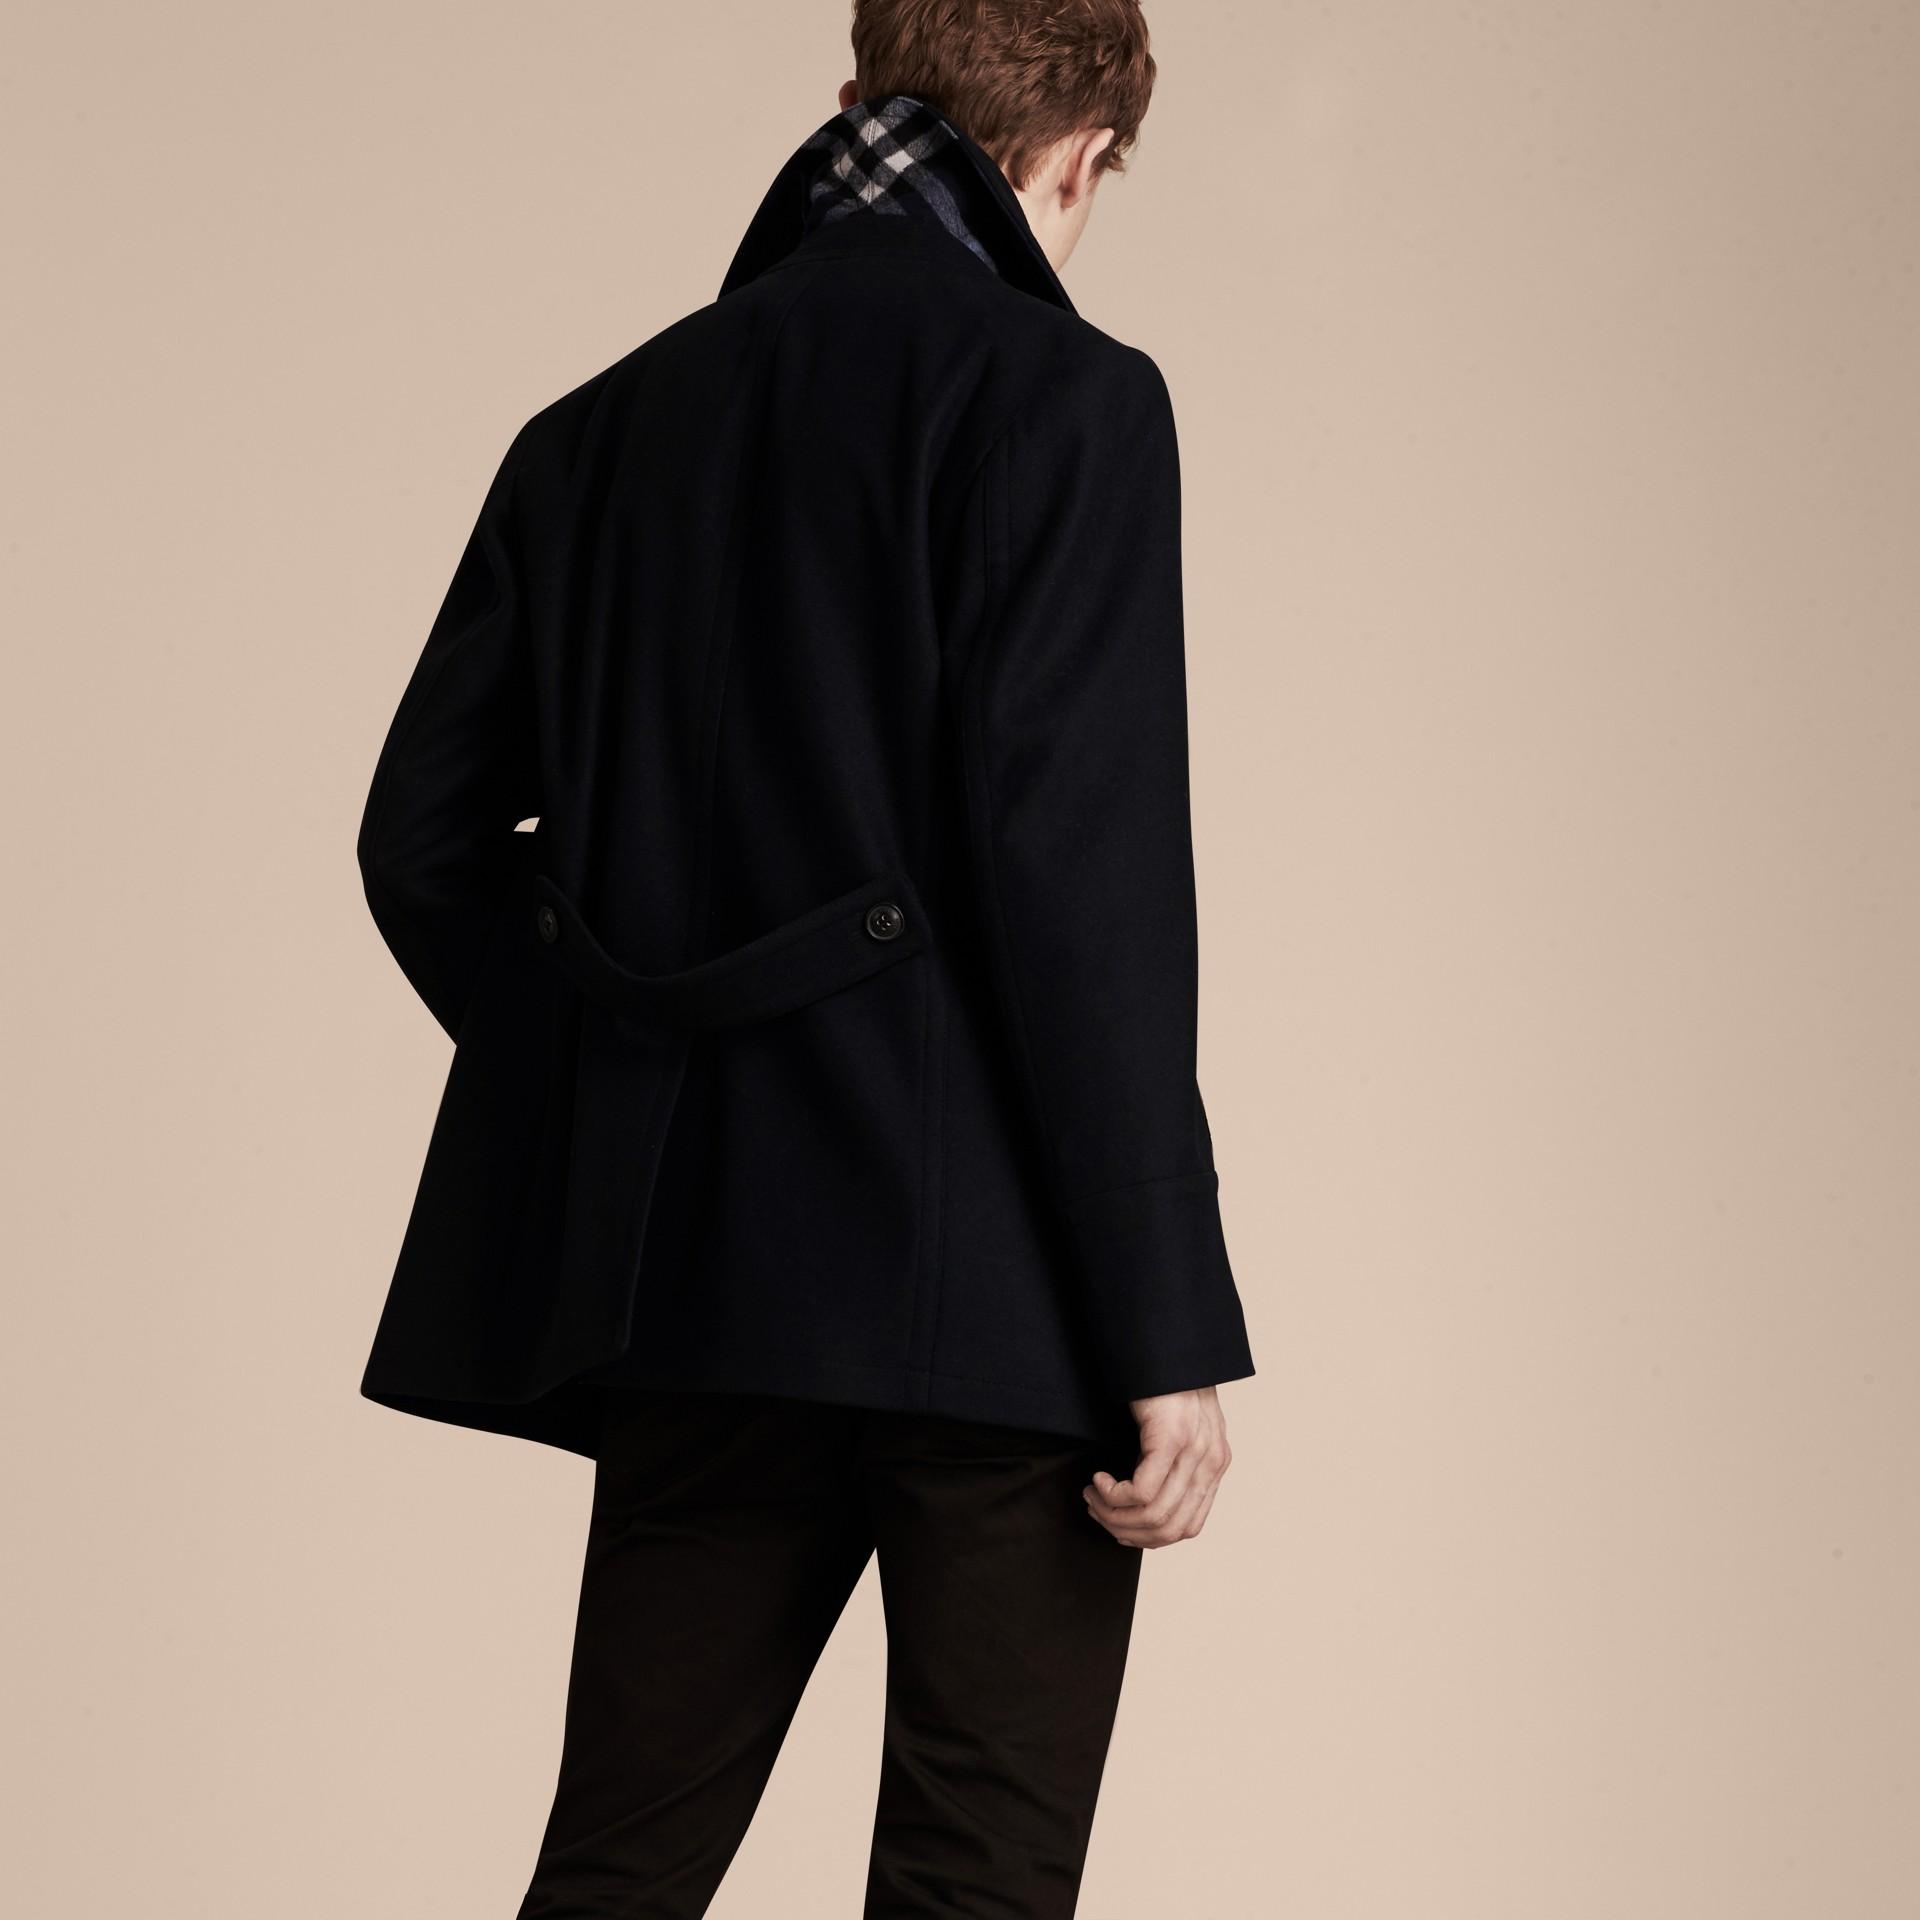 Navy Pea coat in lana e cashmere Navy - immagine della galleria 3